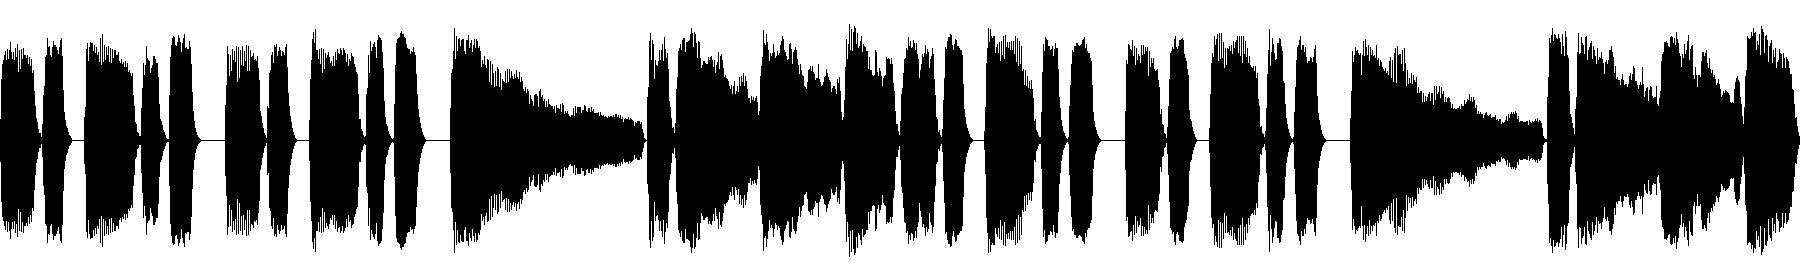 bass1 105